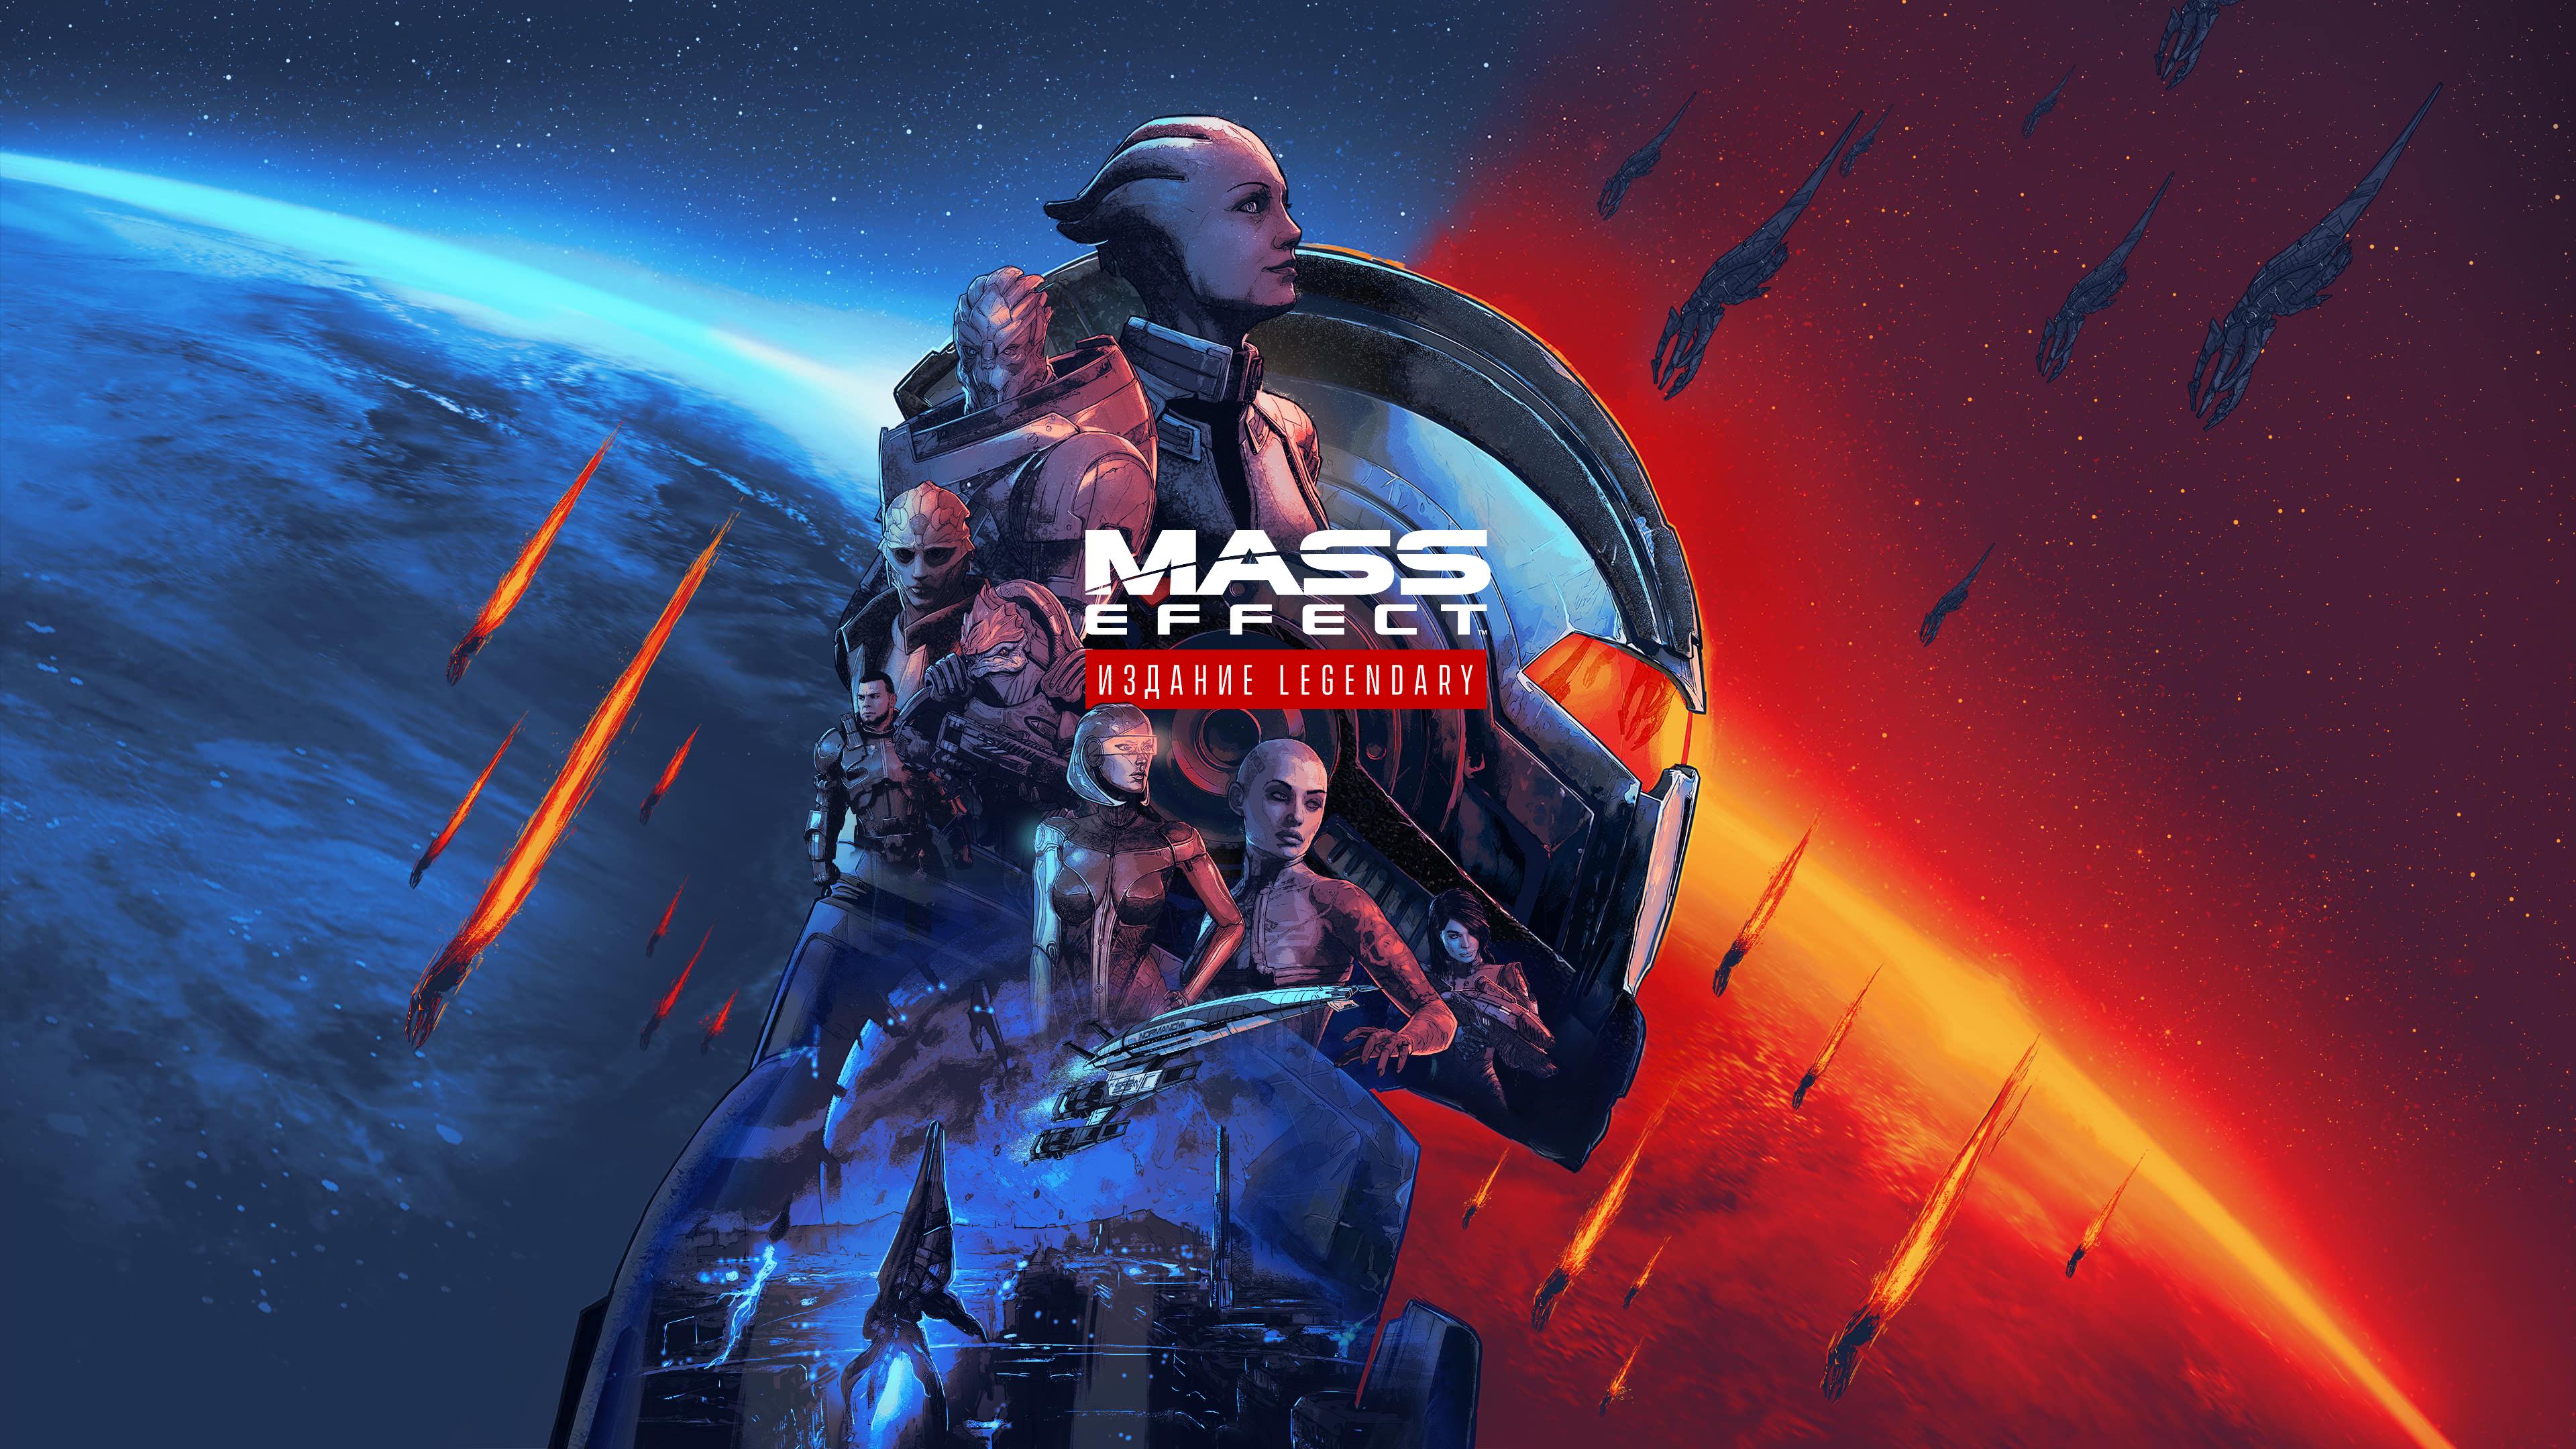 wallpaper (2).jpg - Mass Effect Legendary Edition